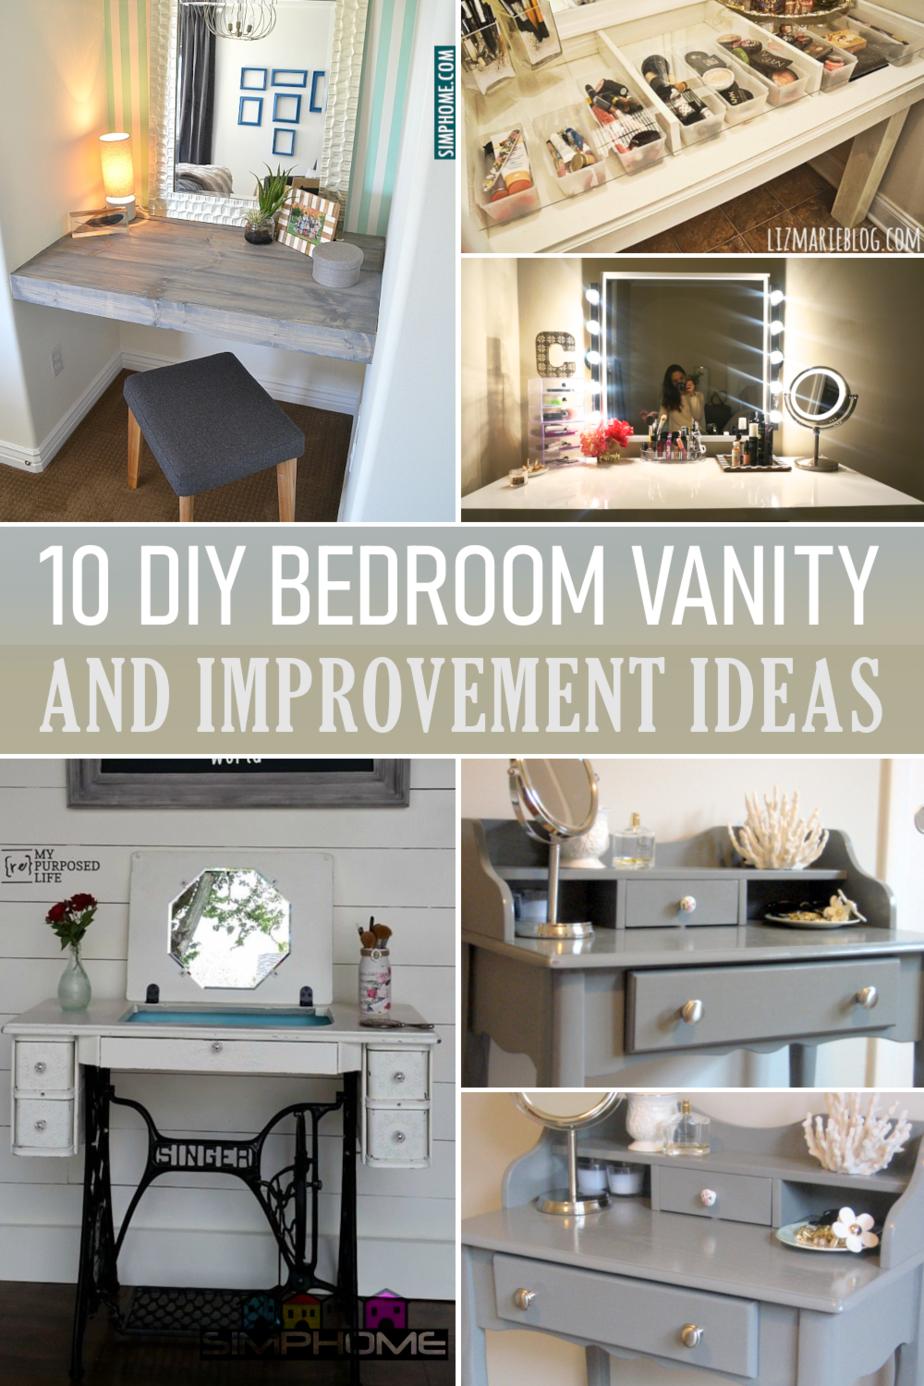 10 DIY Bedroom Vanity Makeover Featured Ideas via Simphome.com